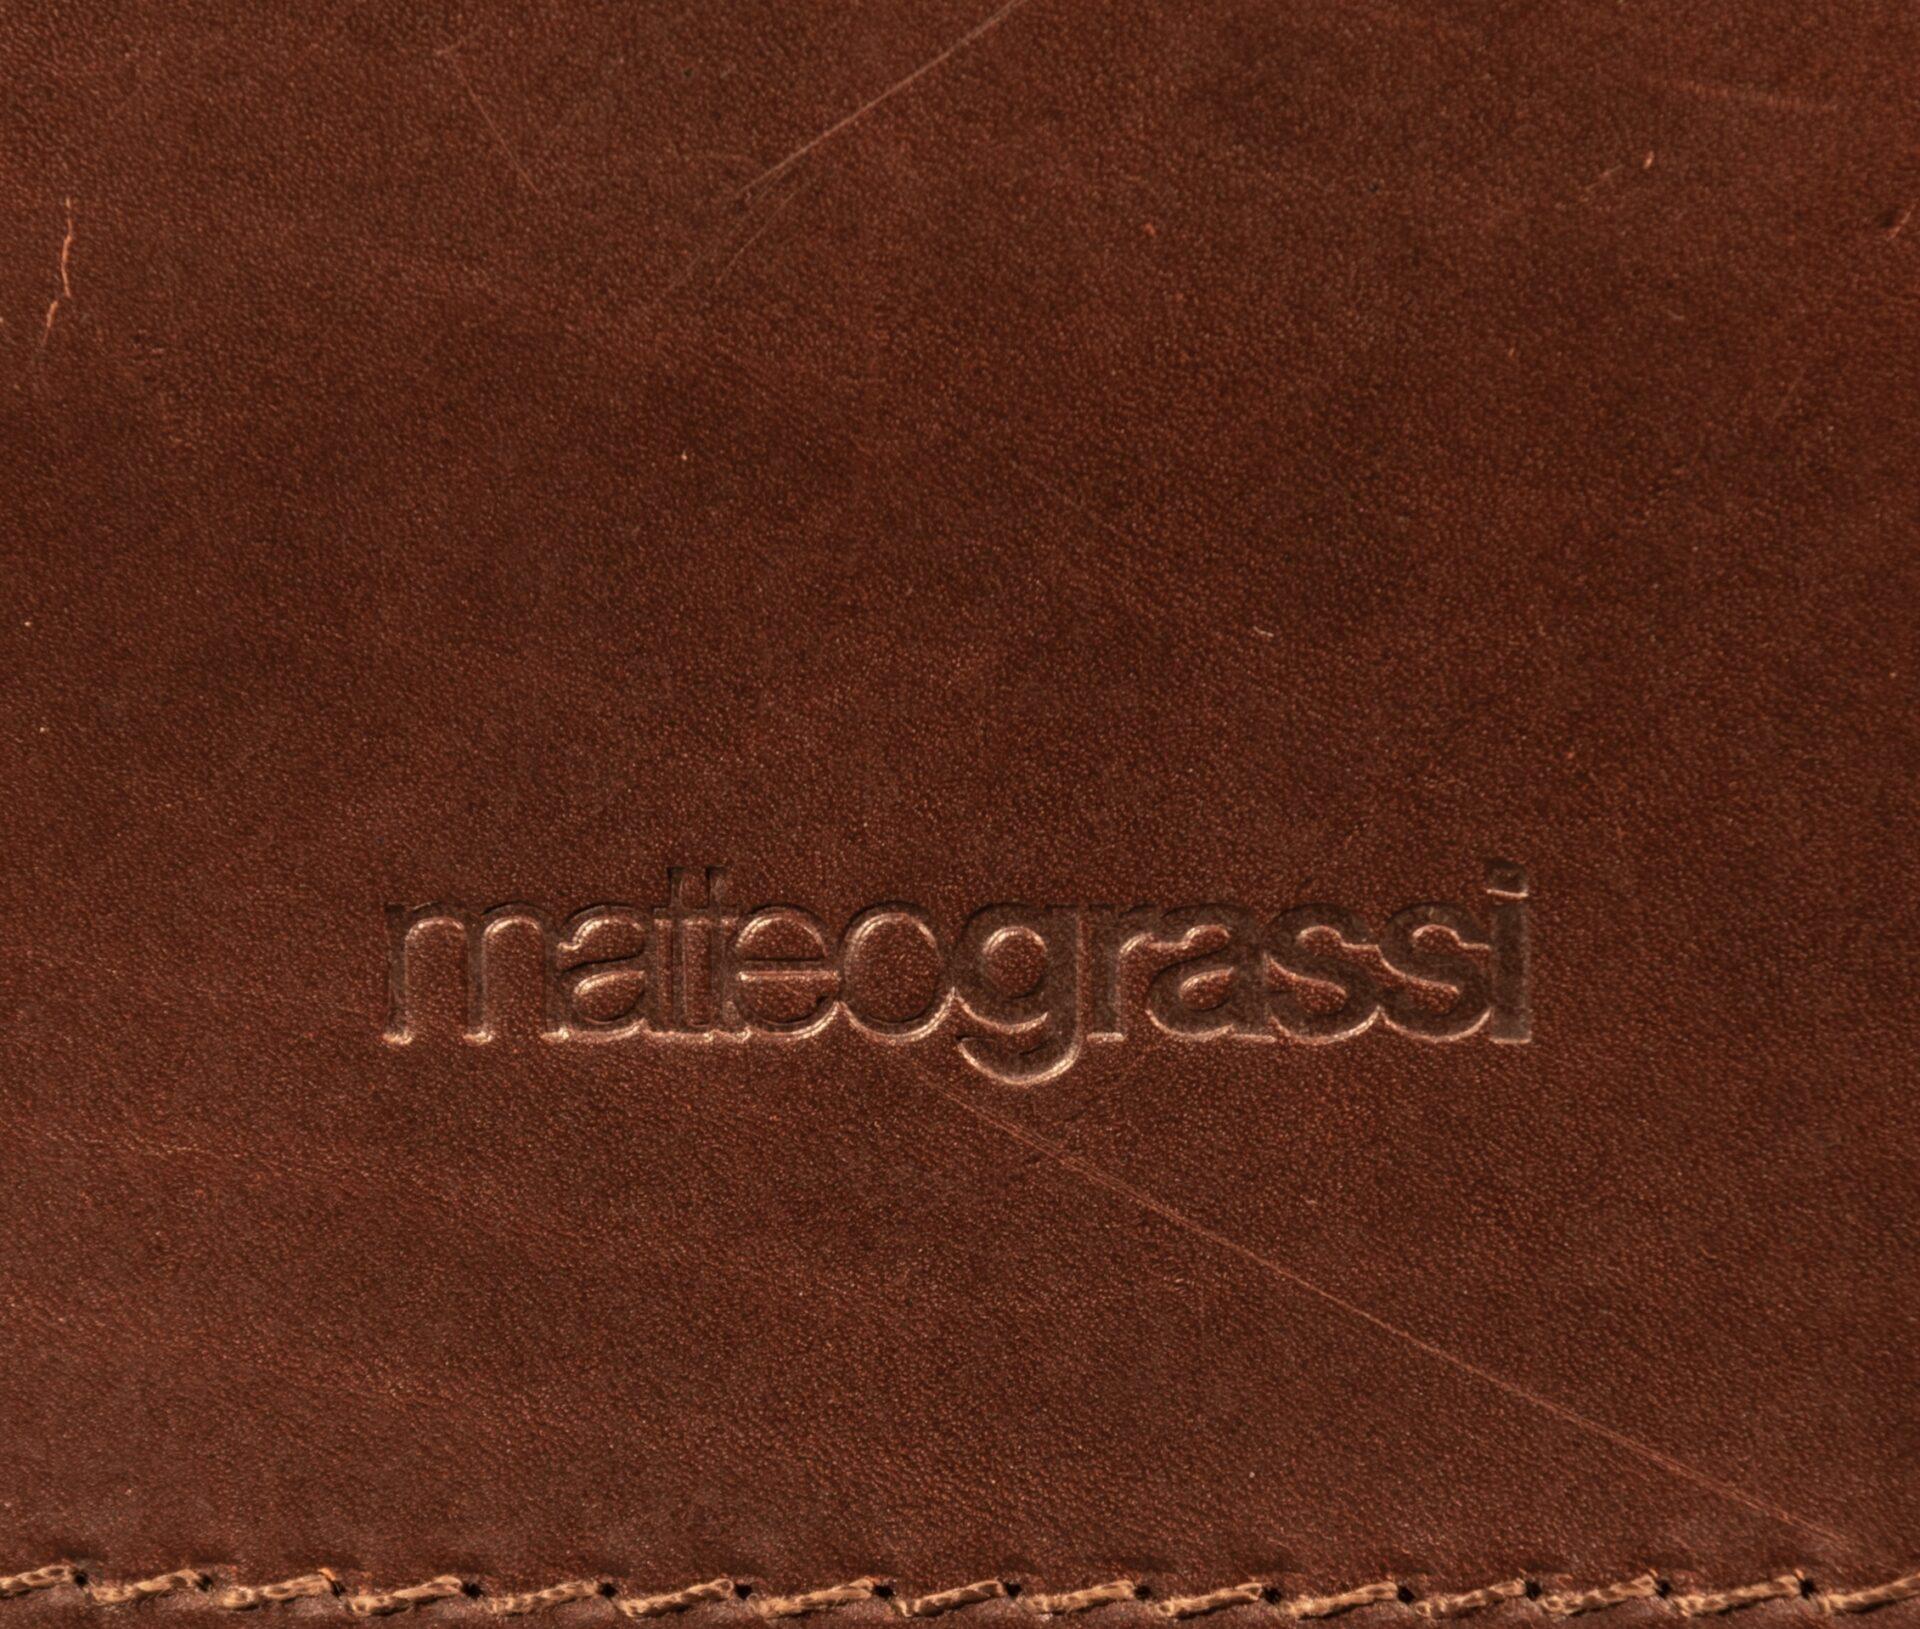 in Vendita su Egidi Madeinitaly il Designer Italiano Matteo Grassi